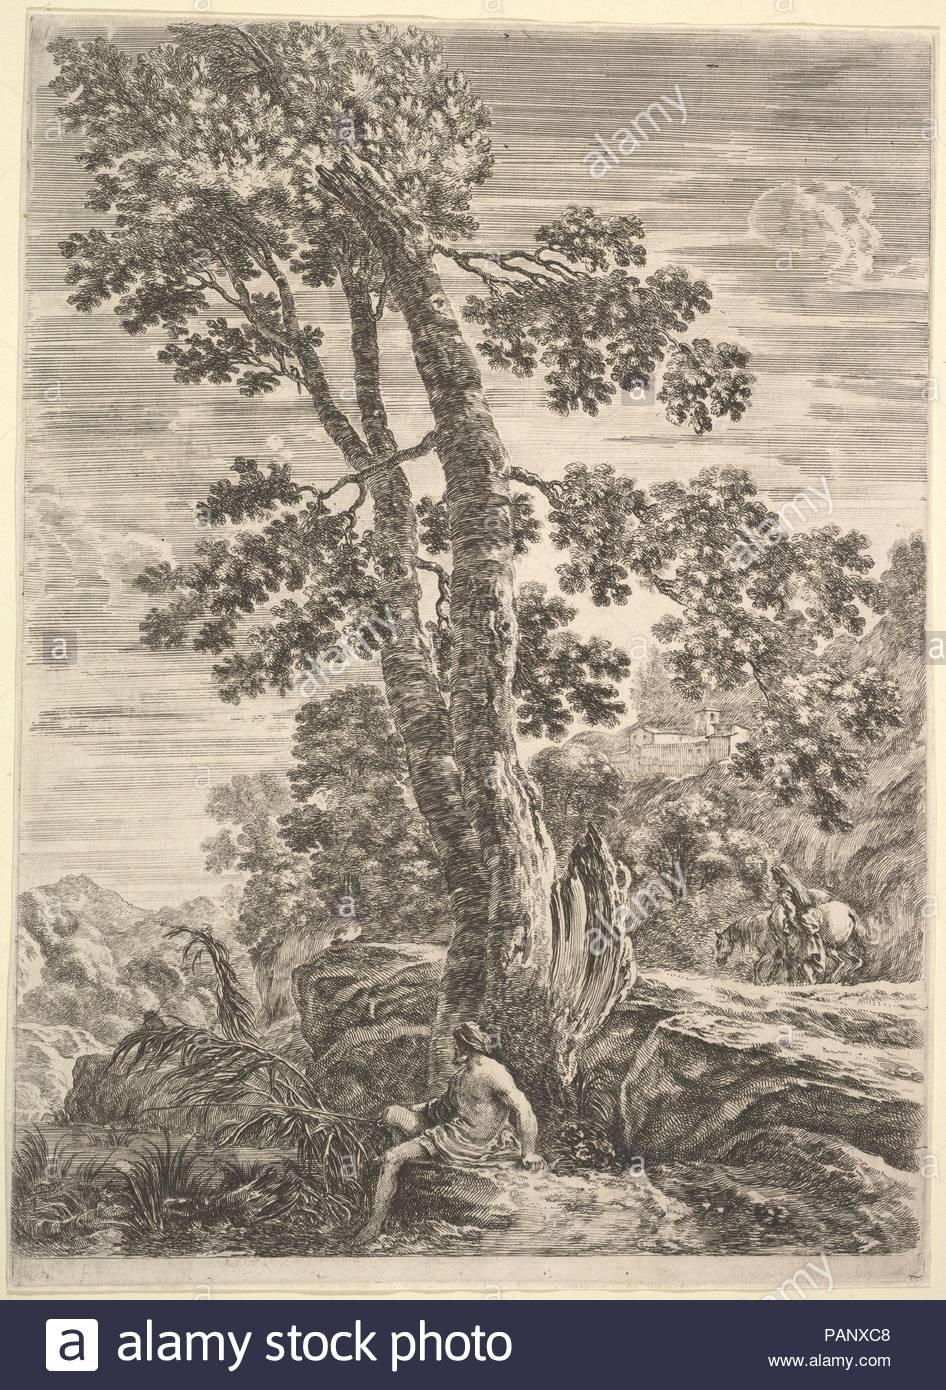 Un pescador en el centro hacia la izquierda y apoyado contra un árbol  grande f3823ae3152